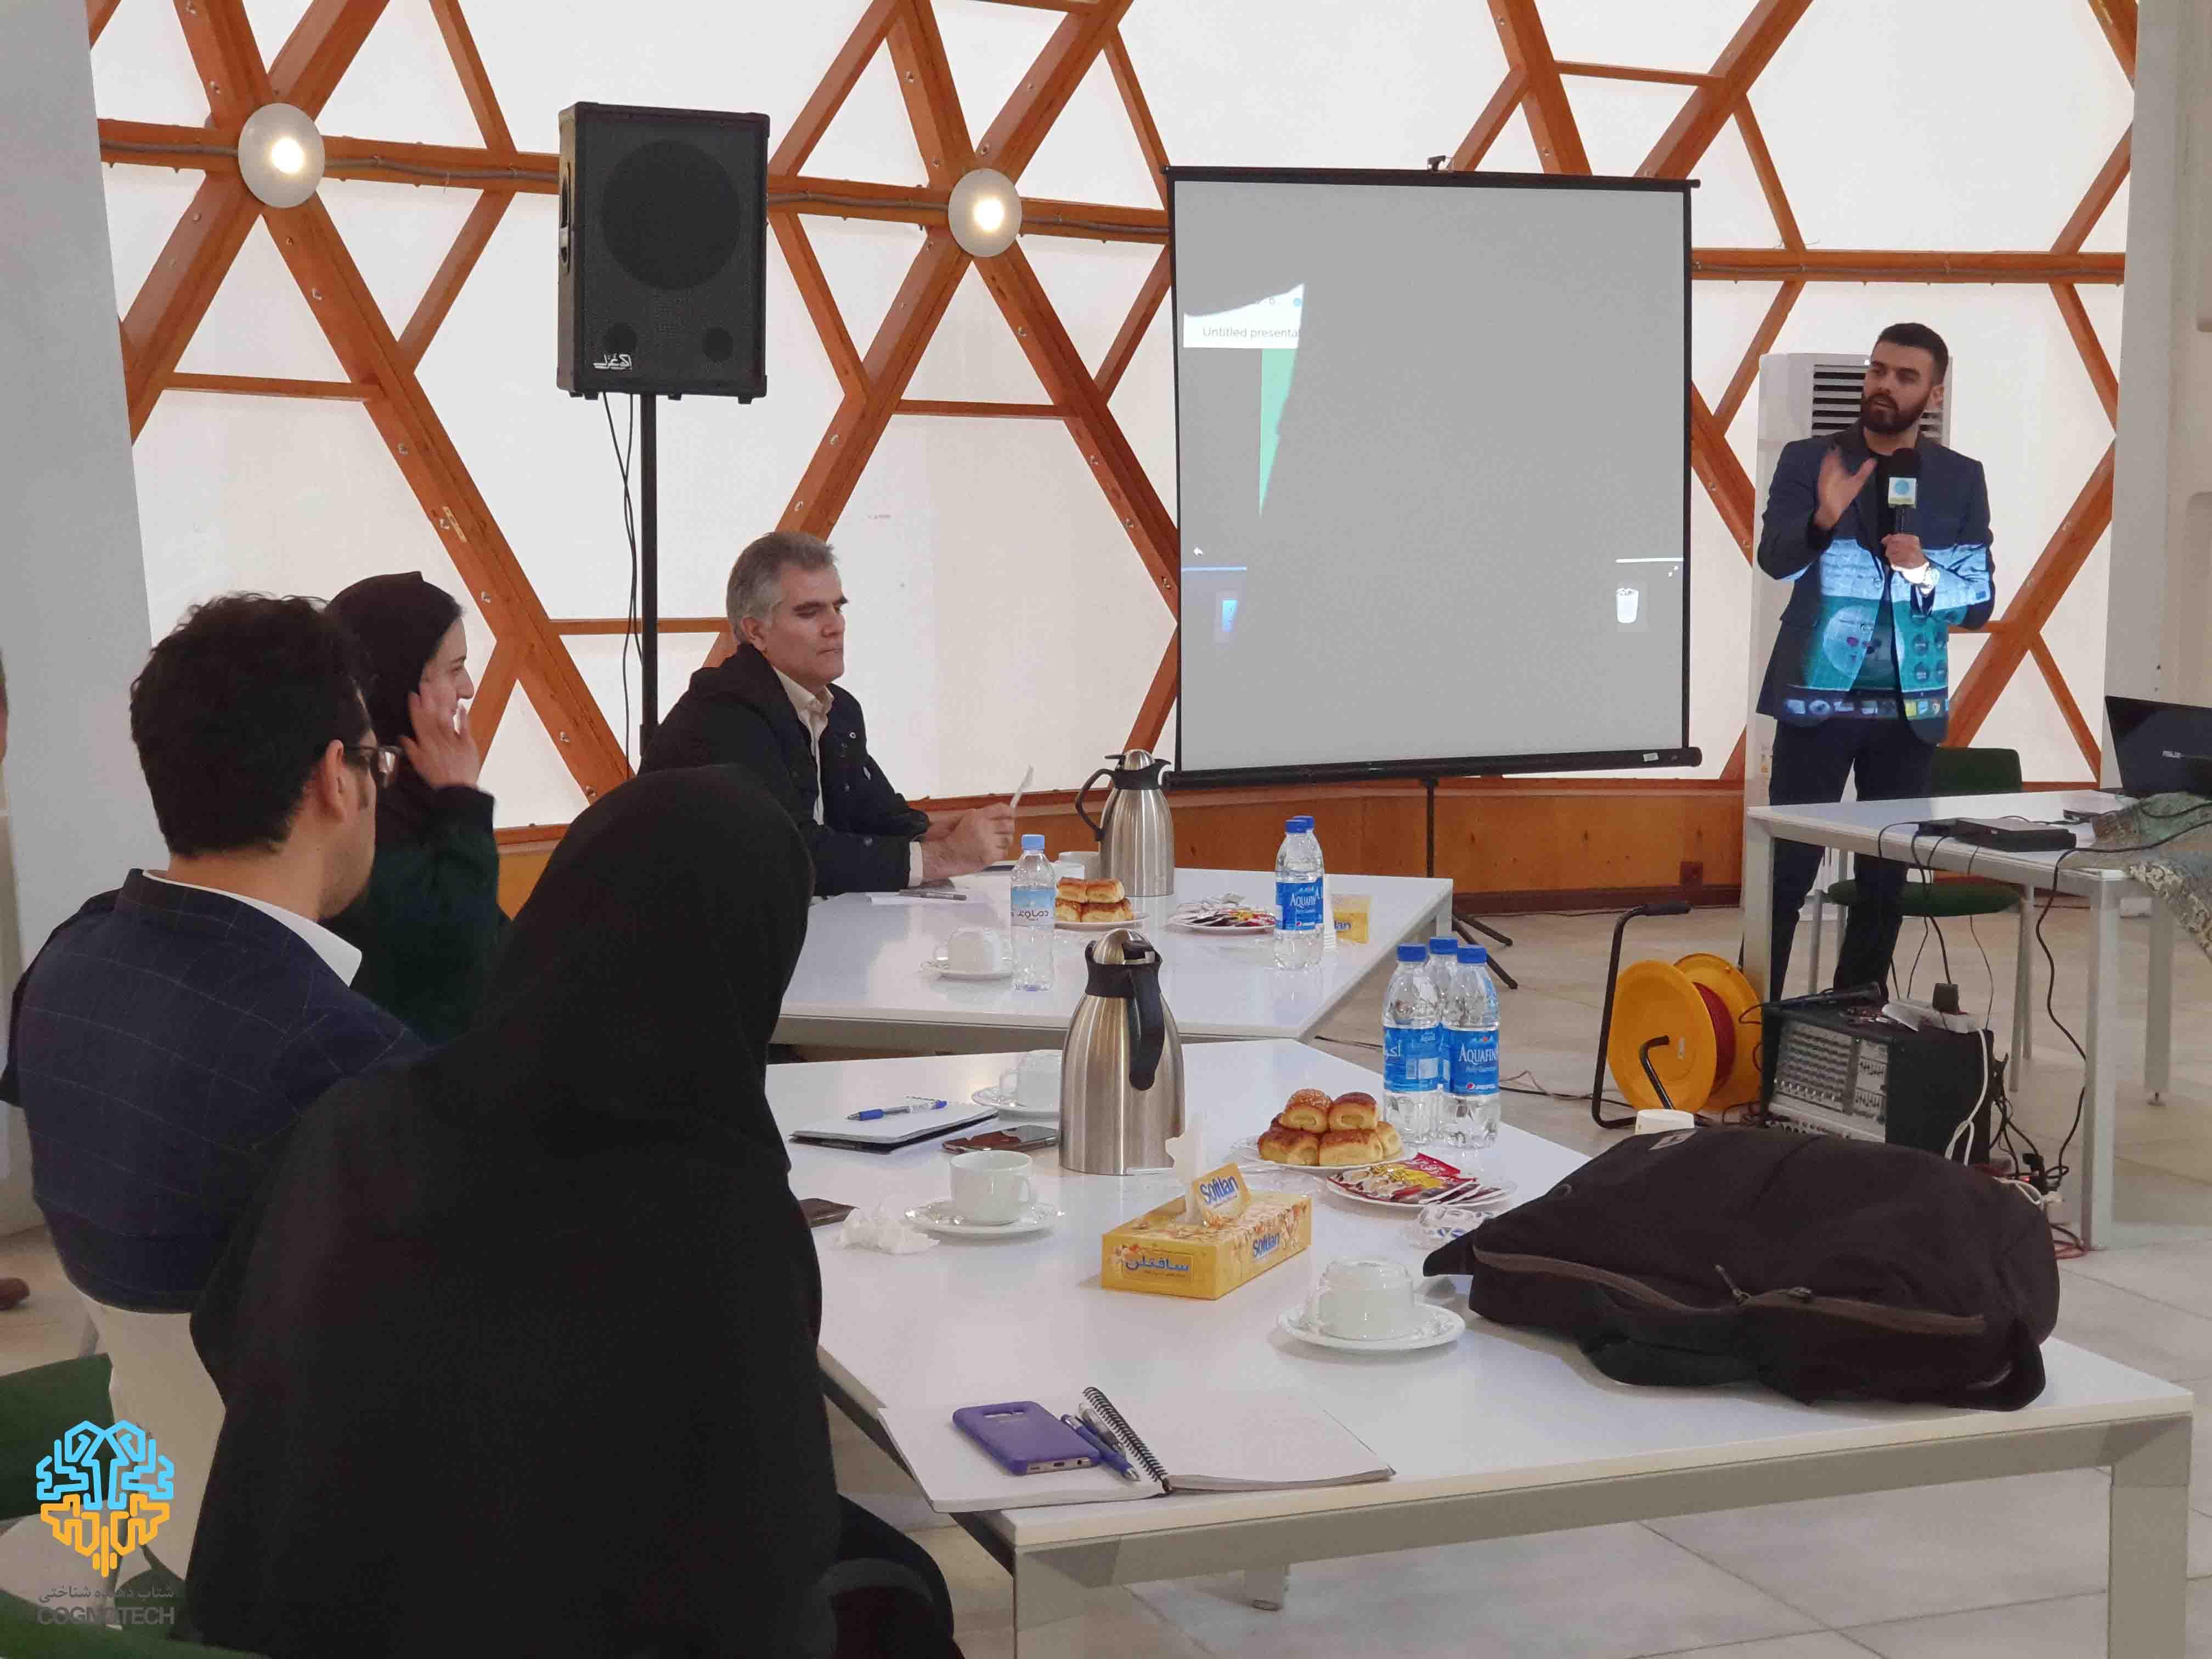 کافه پارک فناوری های همگرا NBIC با محوریت علوم شناختی در پارک علم و فناوری دانشگاه تهران برگزار شد